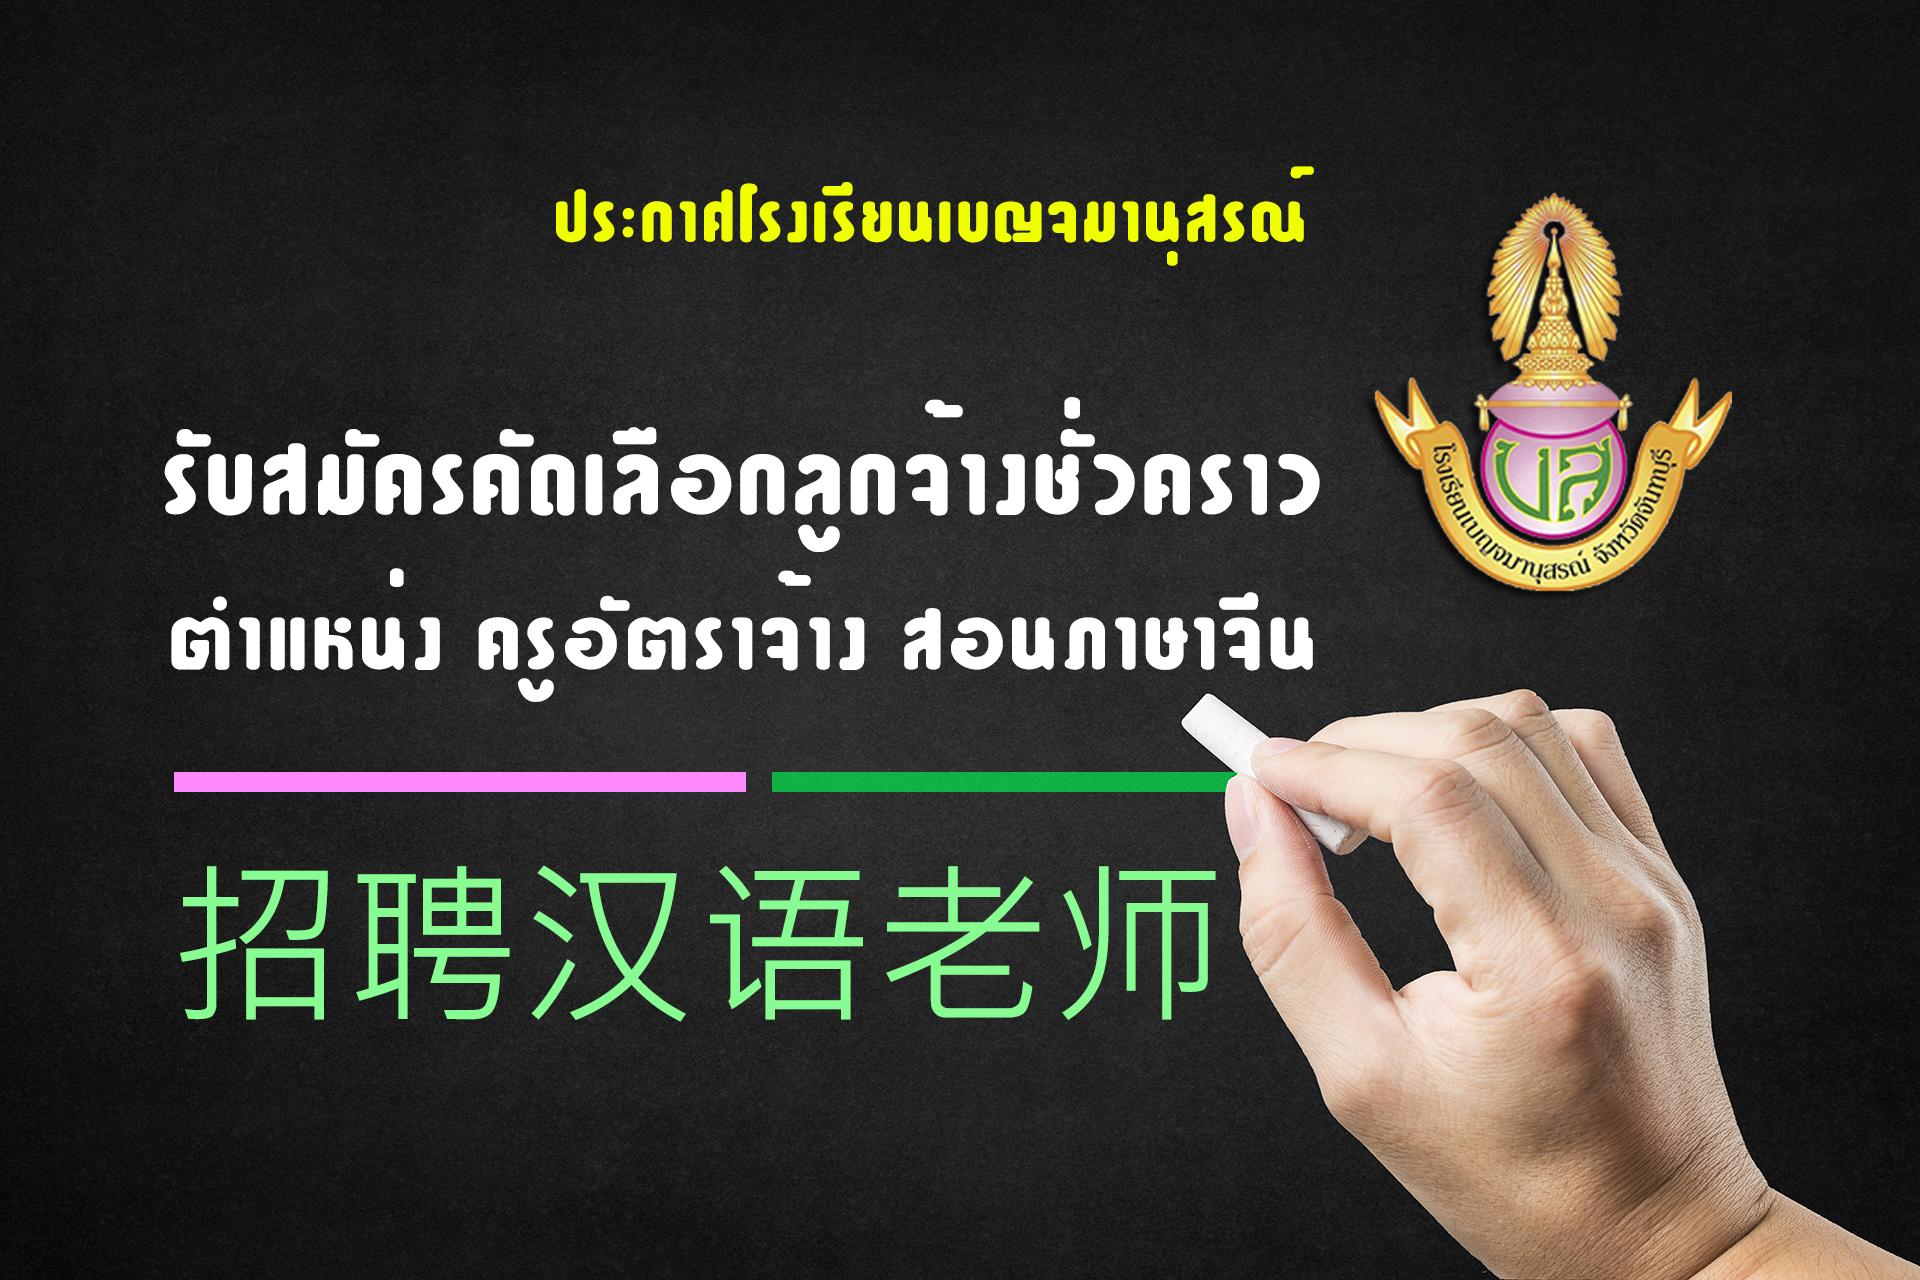 รับสมัครครูสอนภาษาจีน